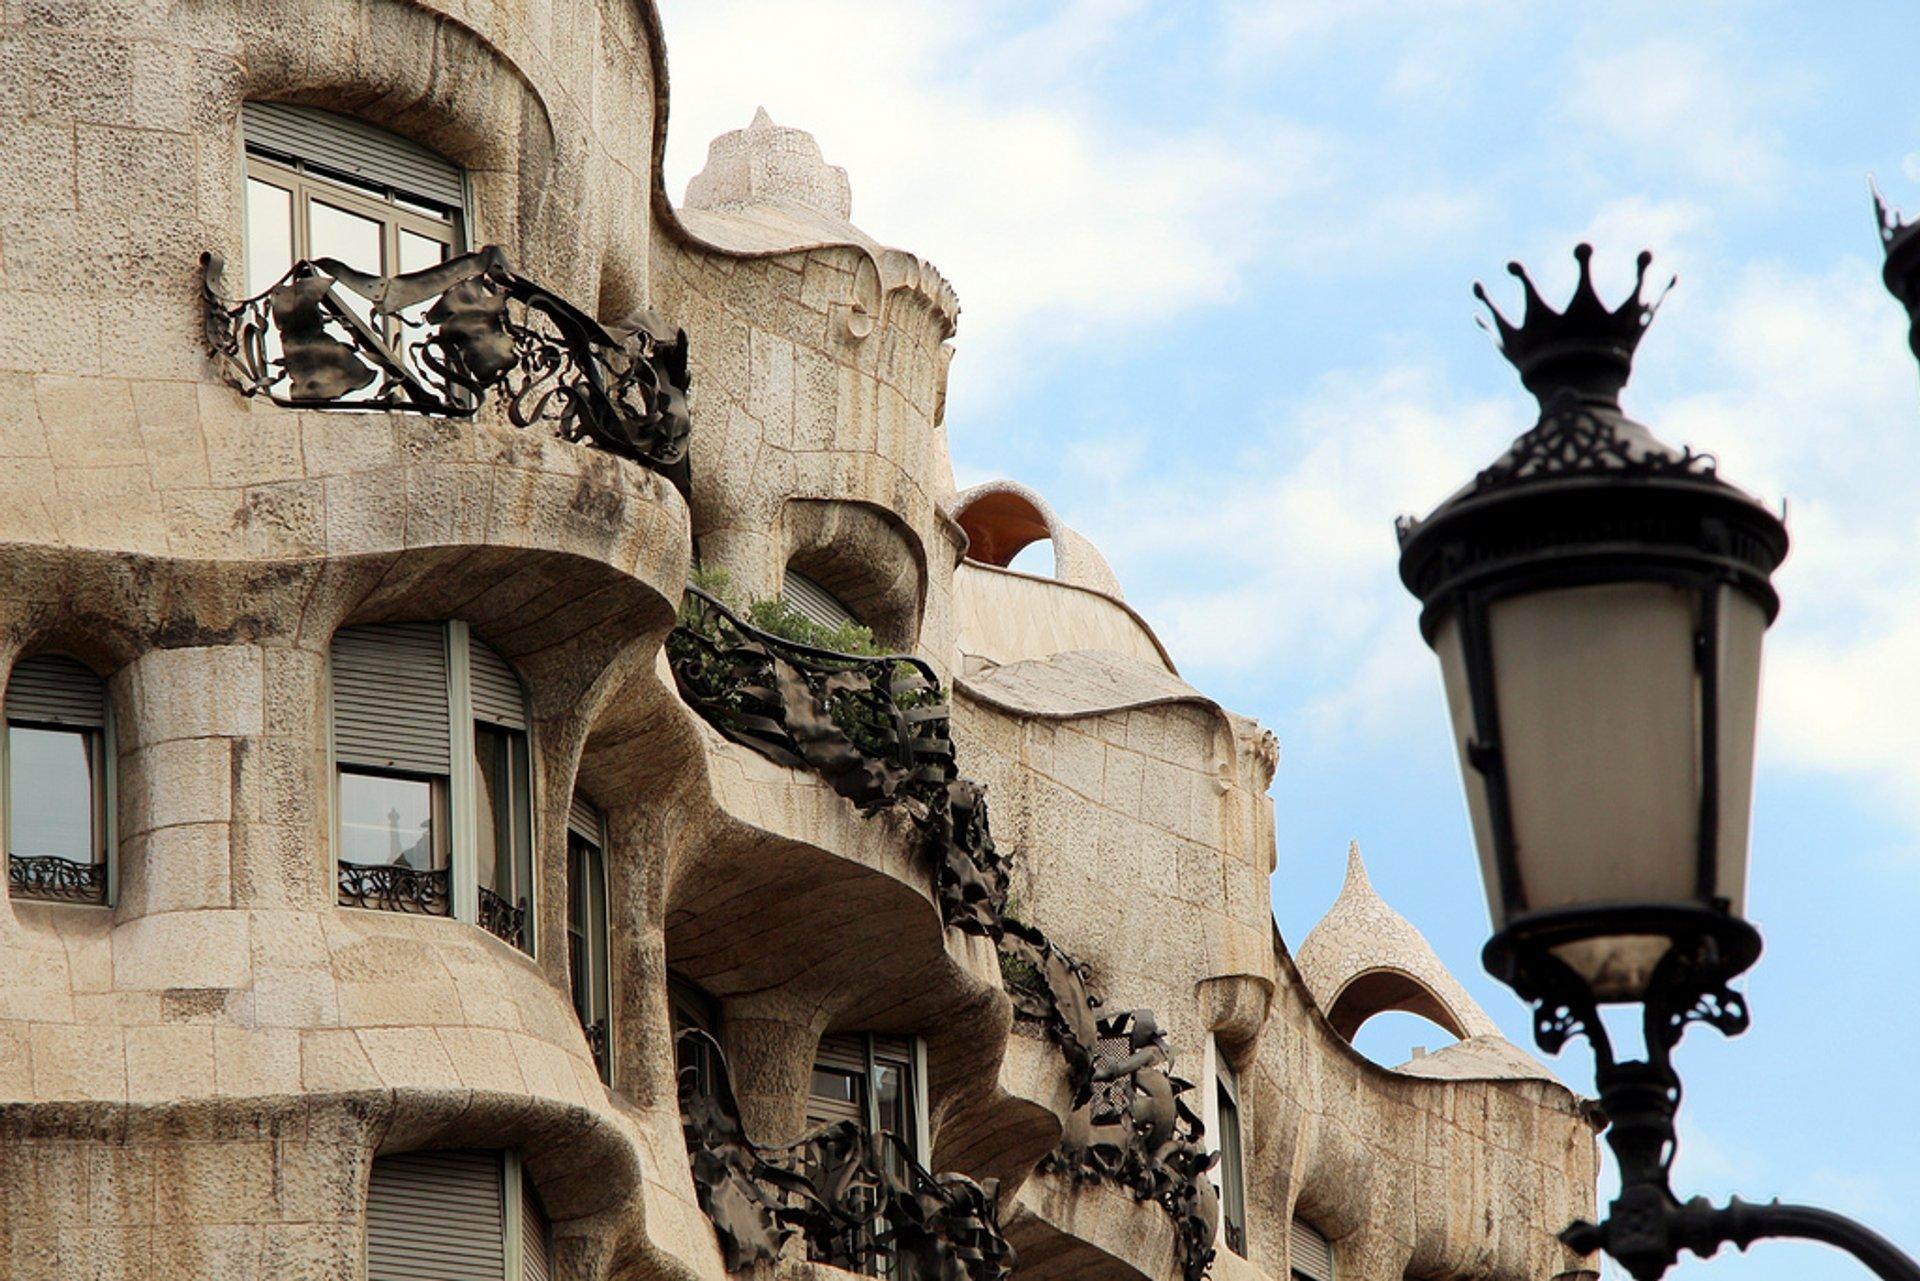 Casa Milà (La Pedrera) in Barcelona - Best Season 2020